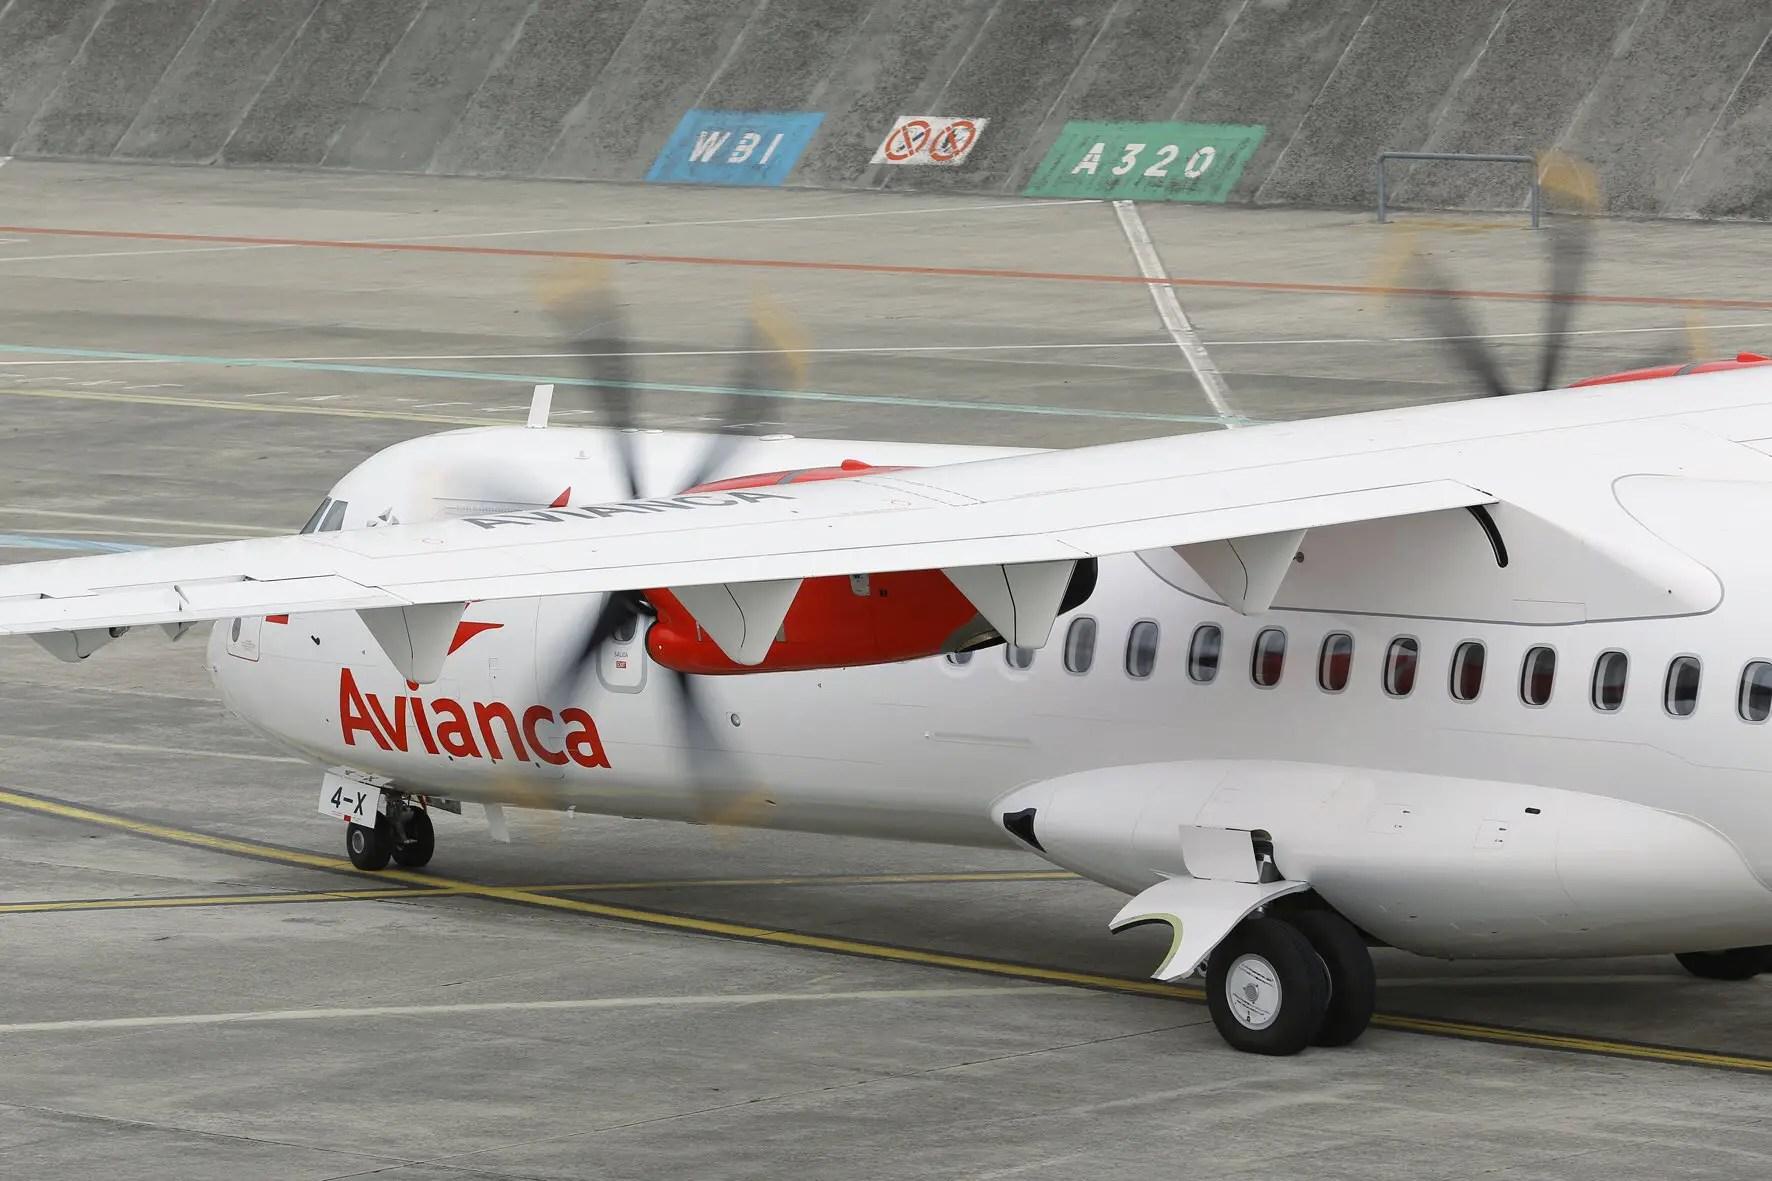 https://i0.wp.com/www.aviacionline.com/wp-content/uploads/2016/11/Avianca-Argentina-ATR-72-600.jpg